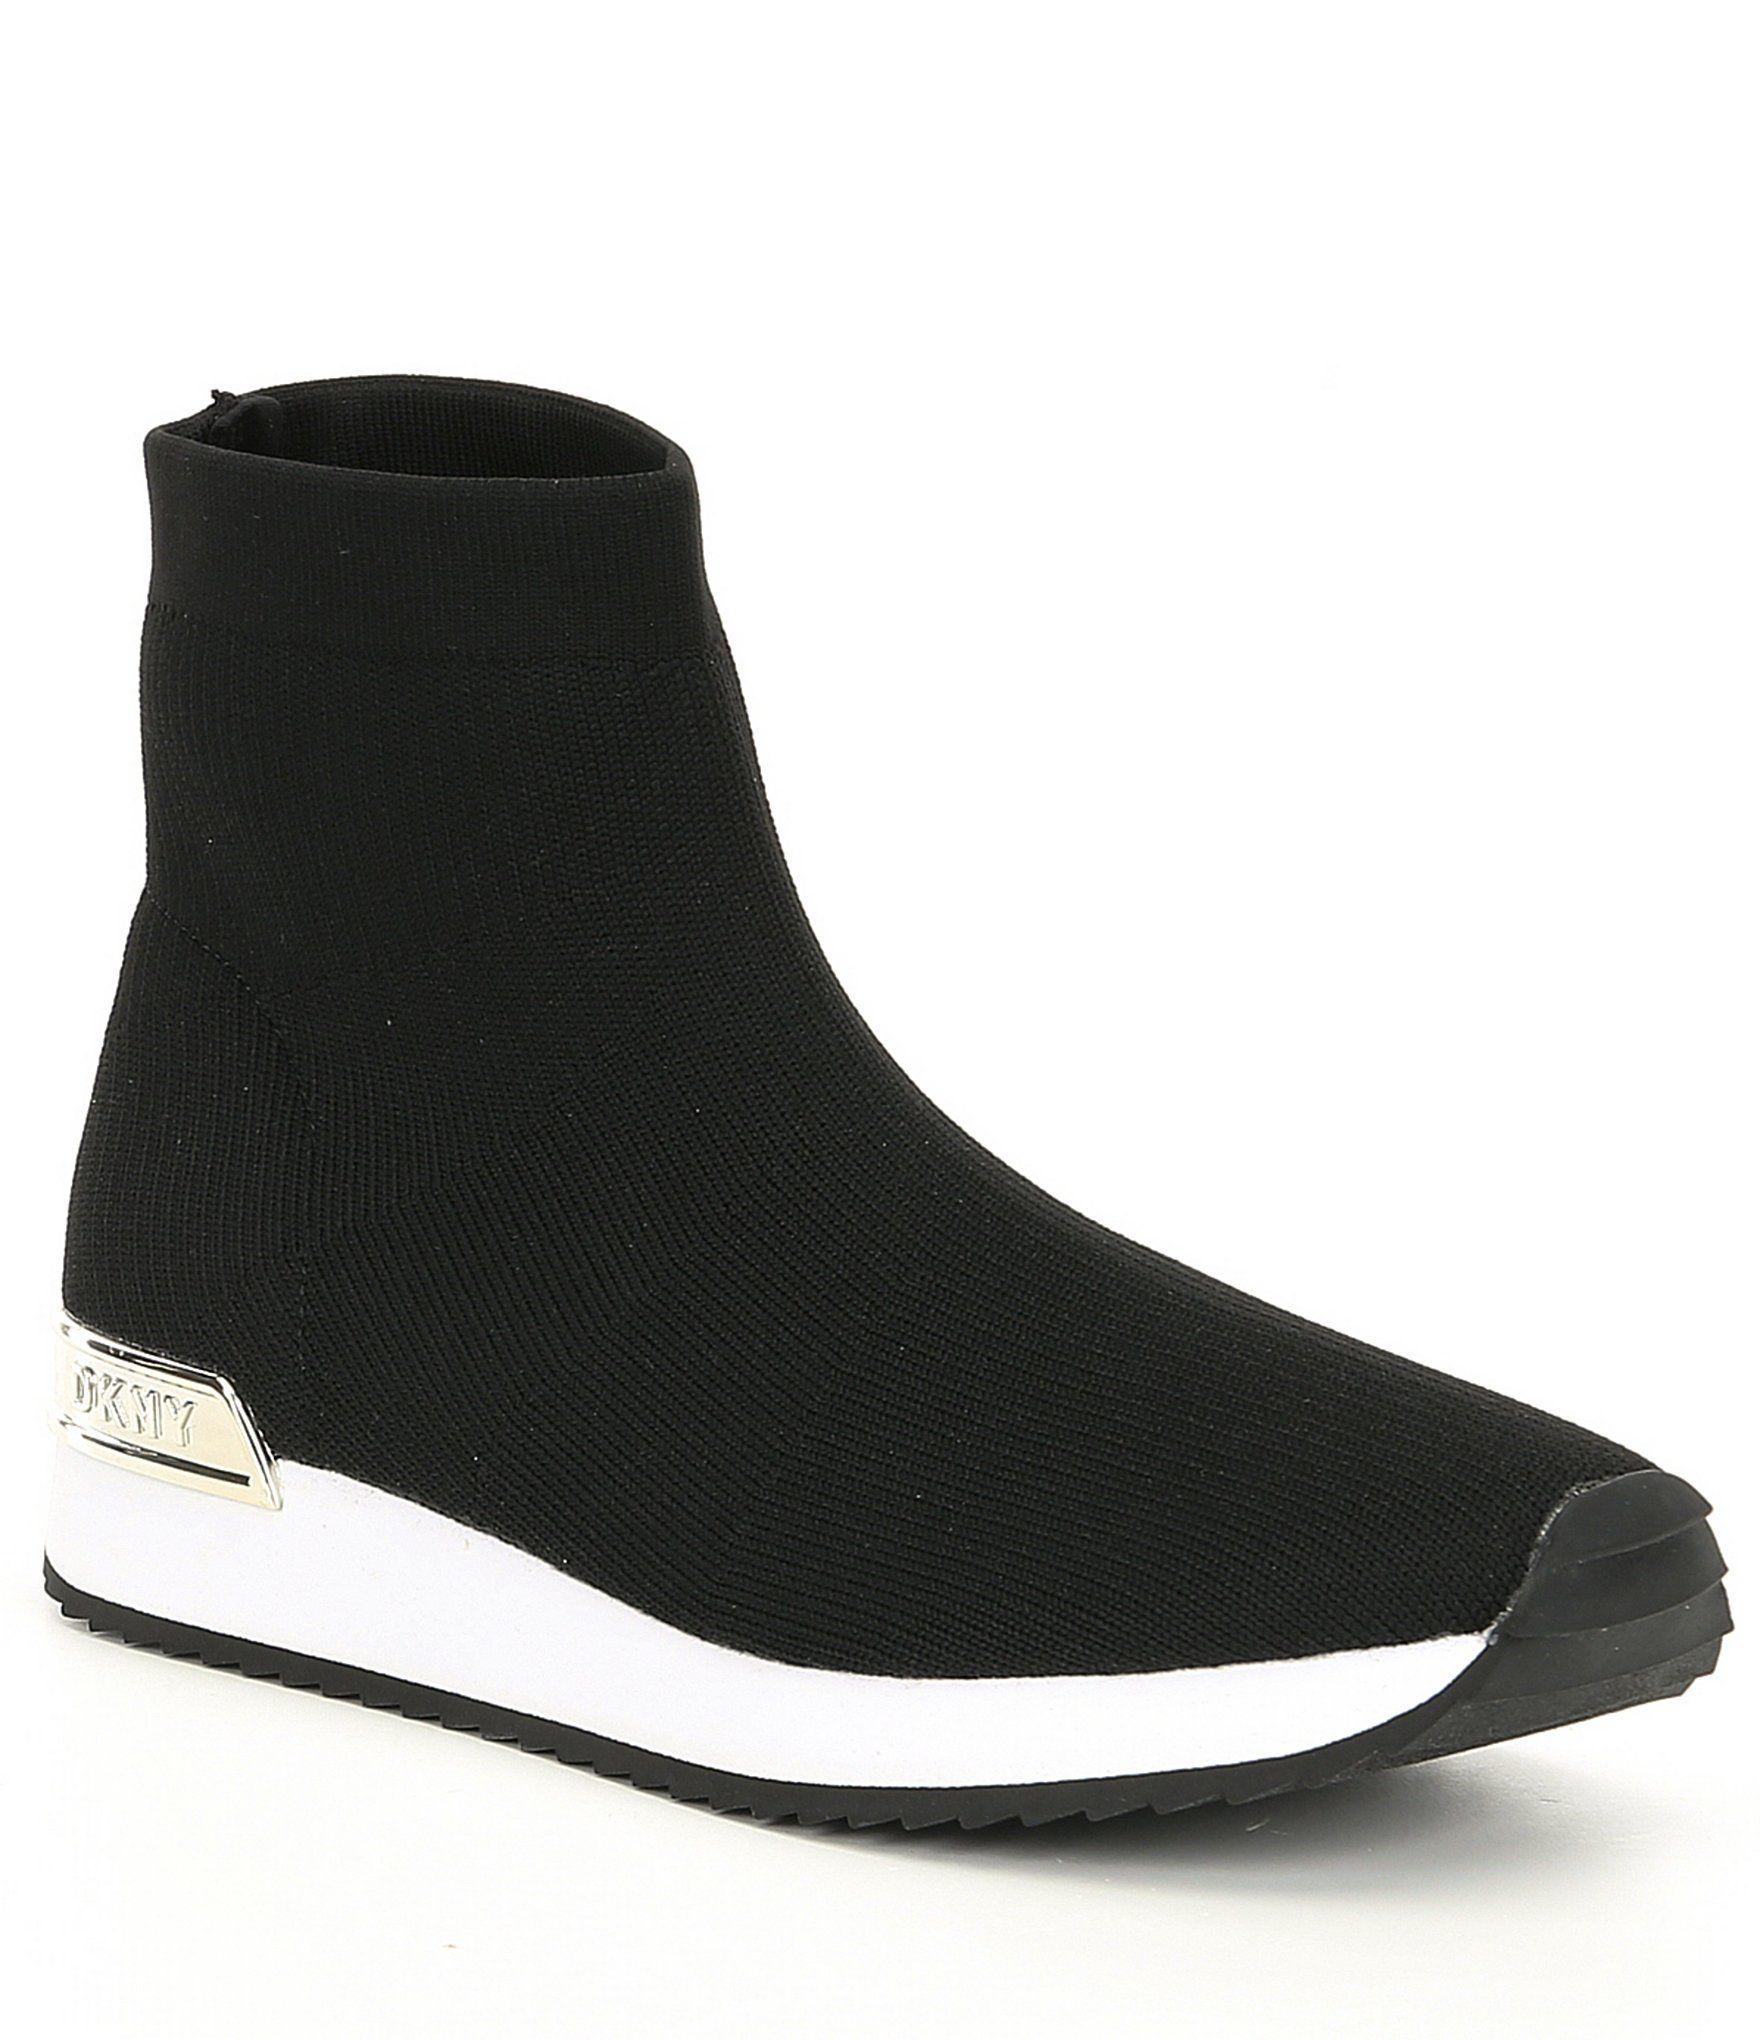 DKNY Marrin Stretch Knit Sock Sneakers